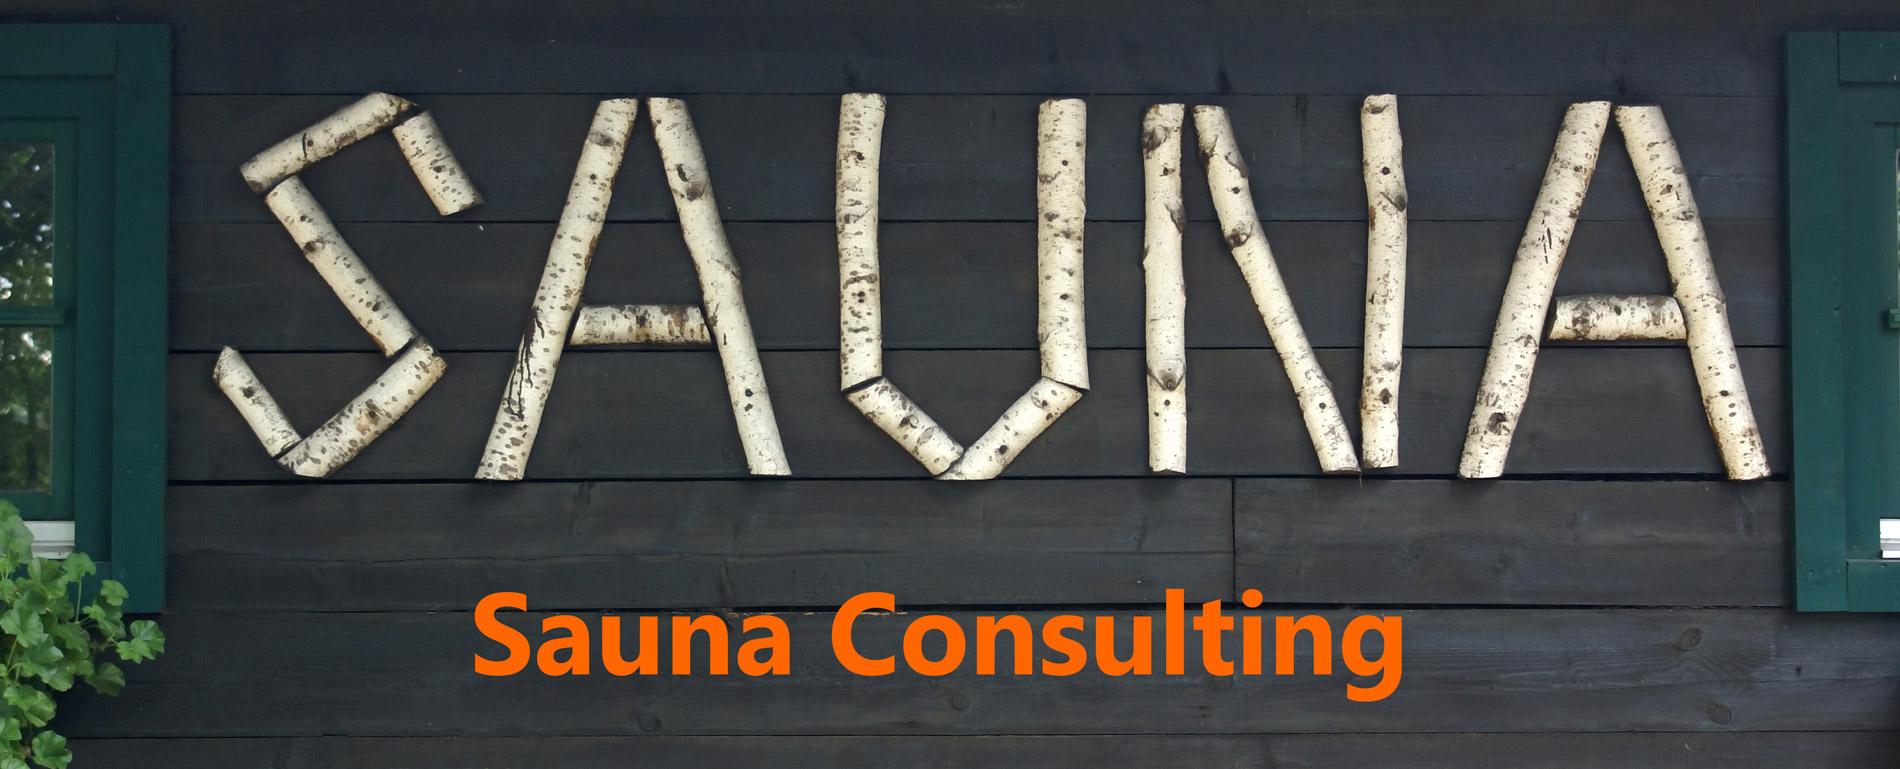 Sauna Consulting